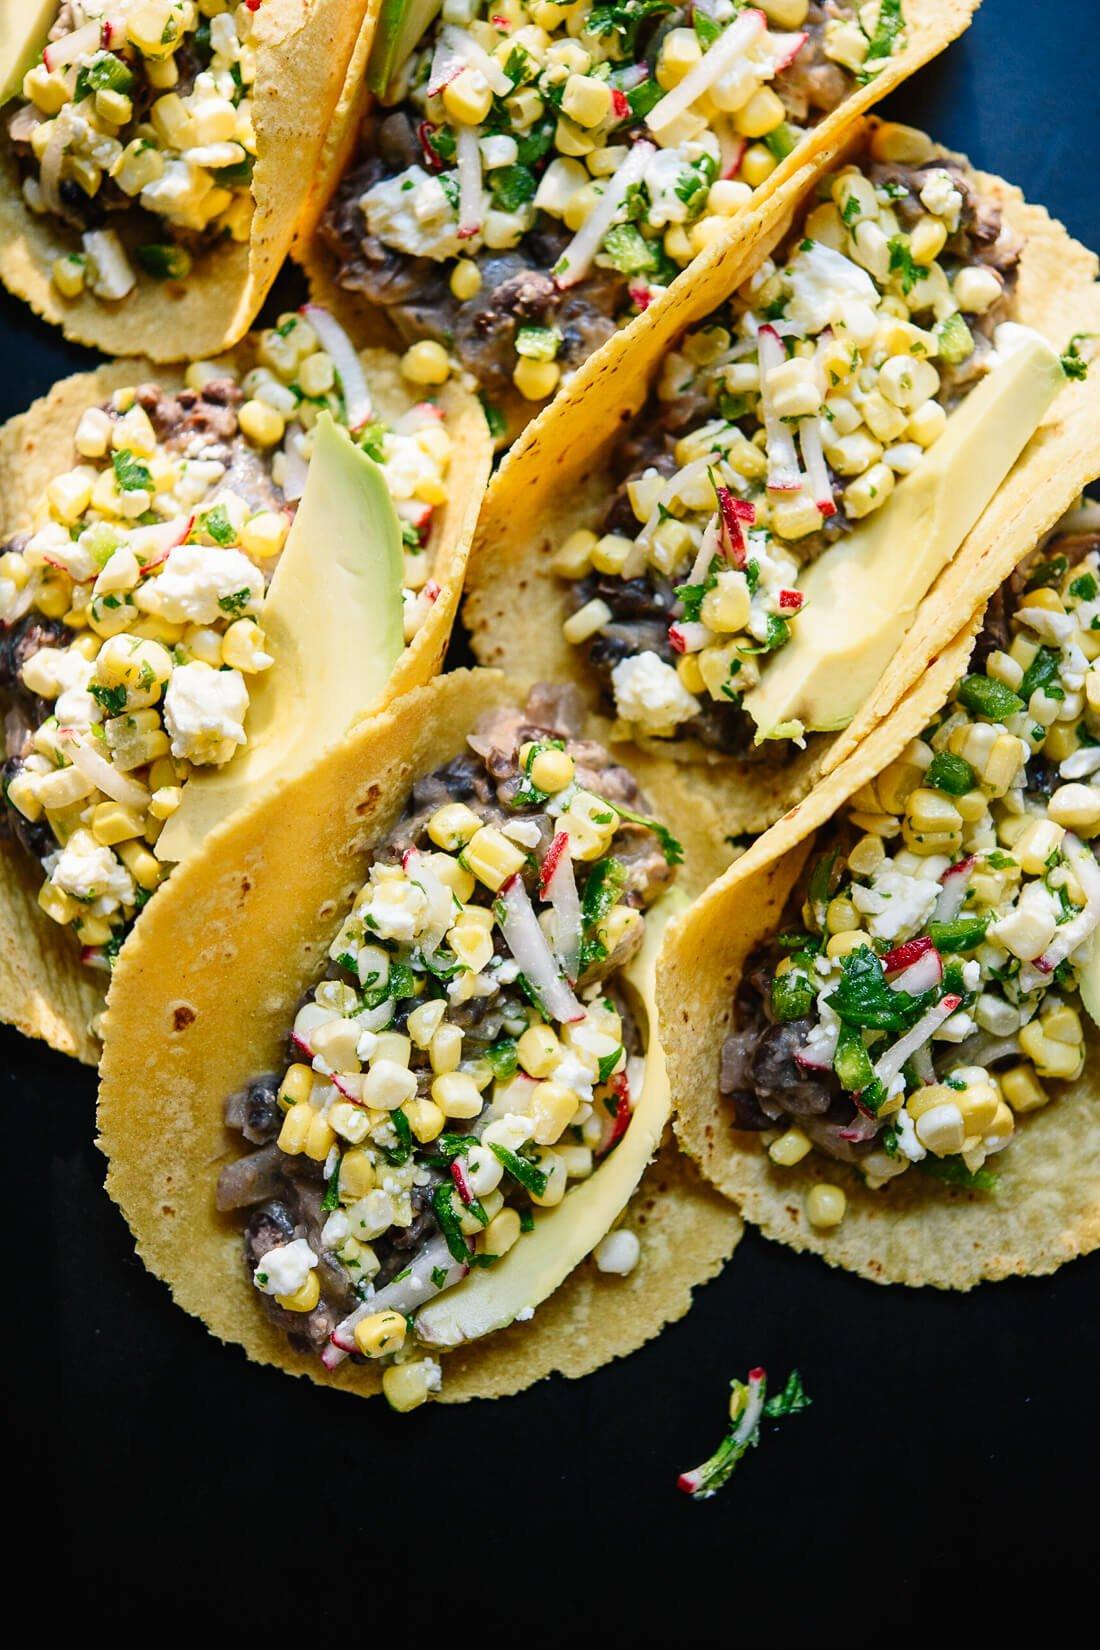 Tacos de maíz dulce y frijoles negros